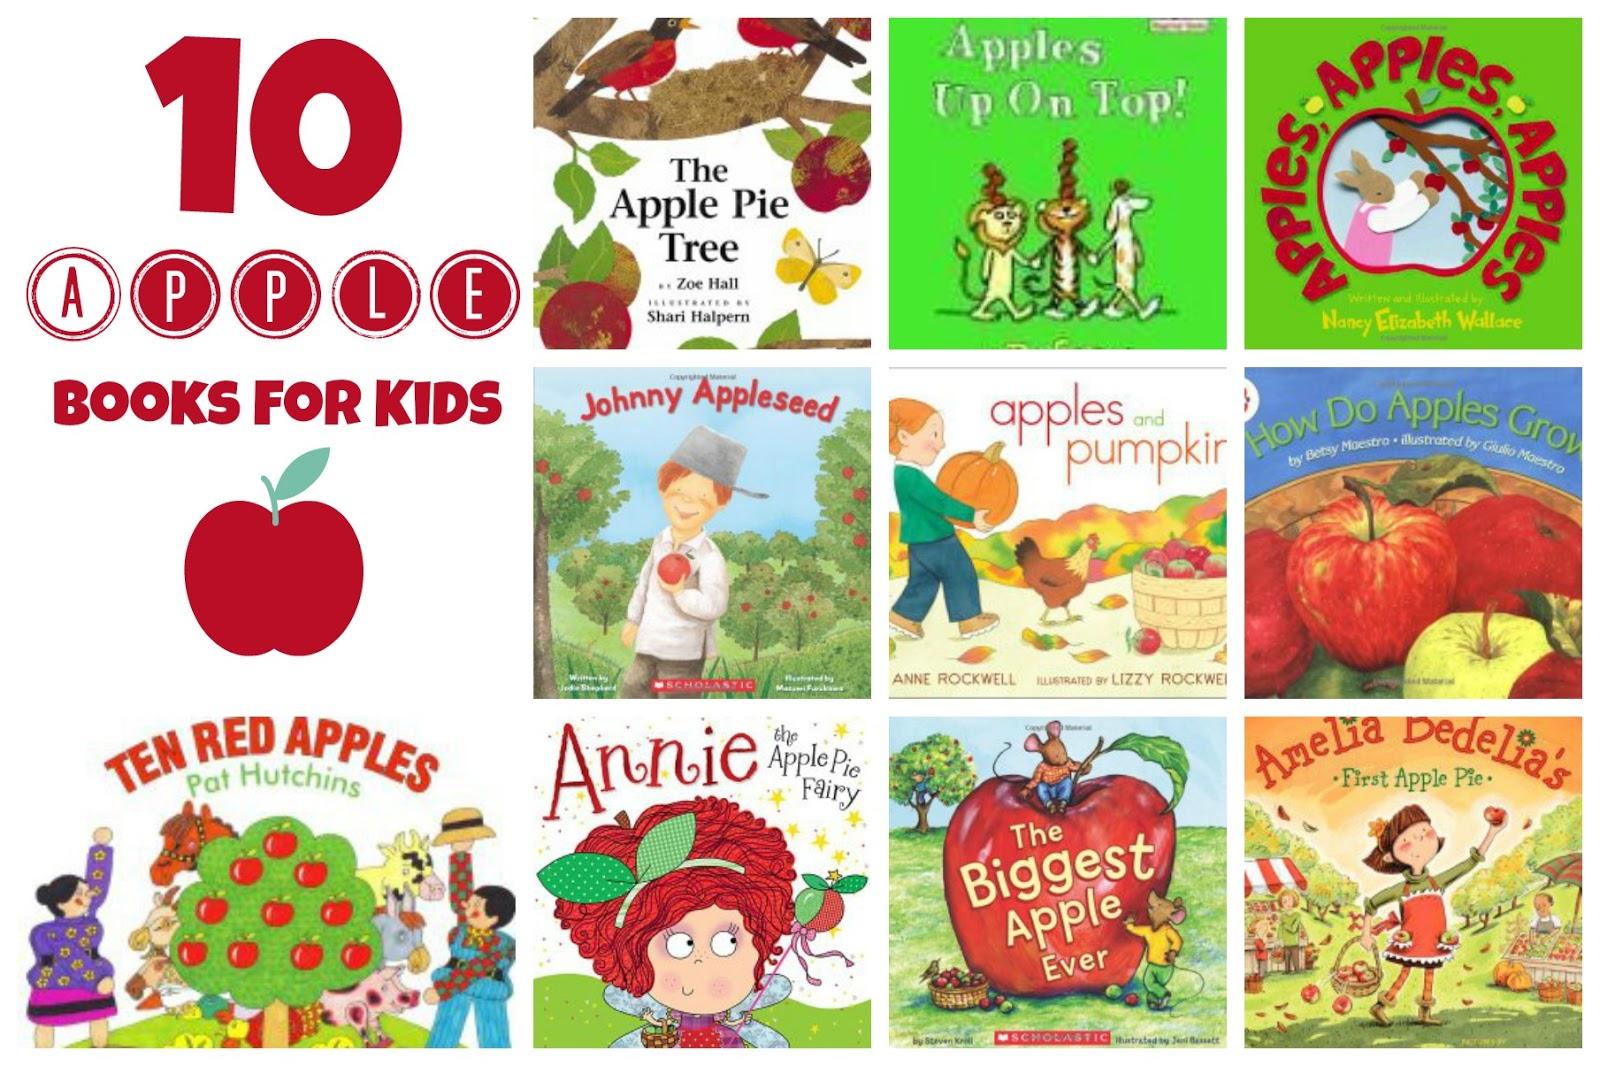 10 Apple Books for Kids